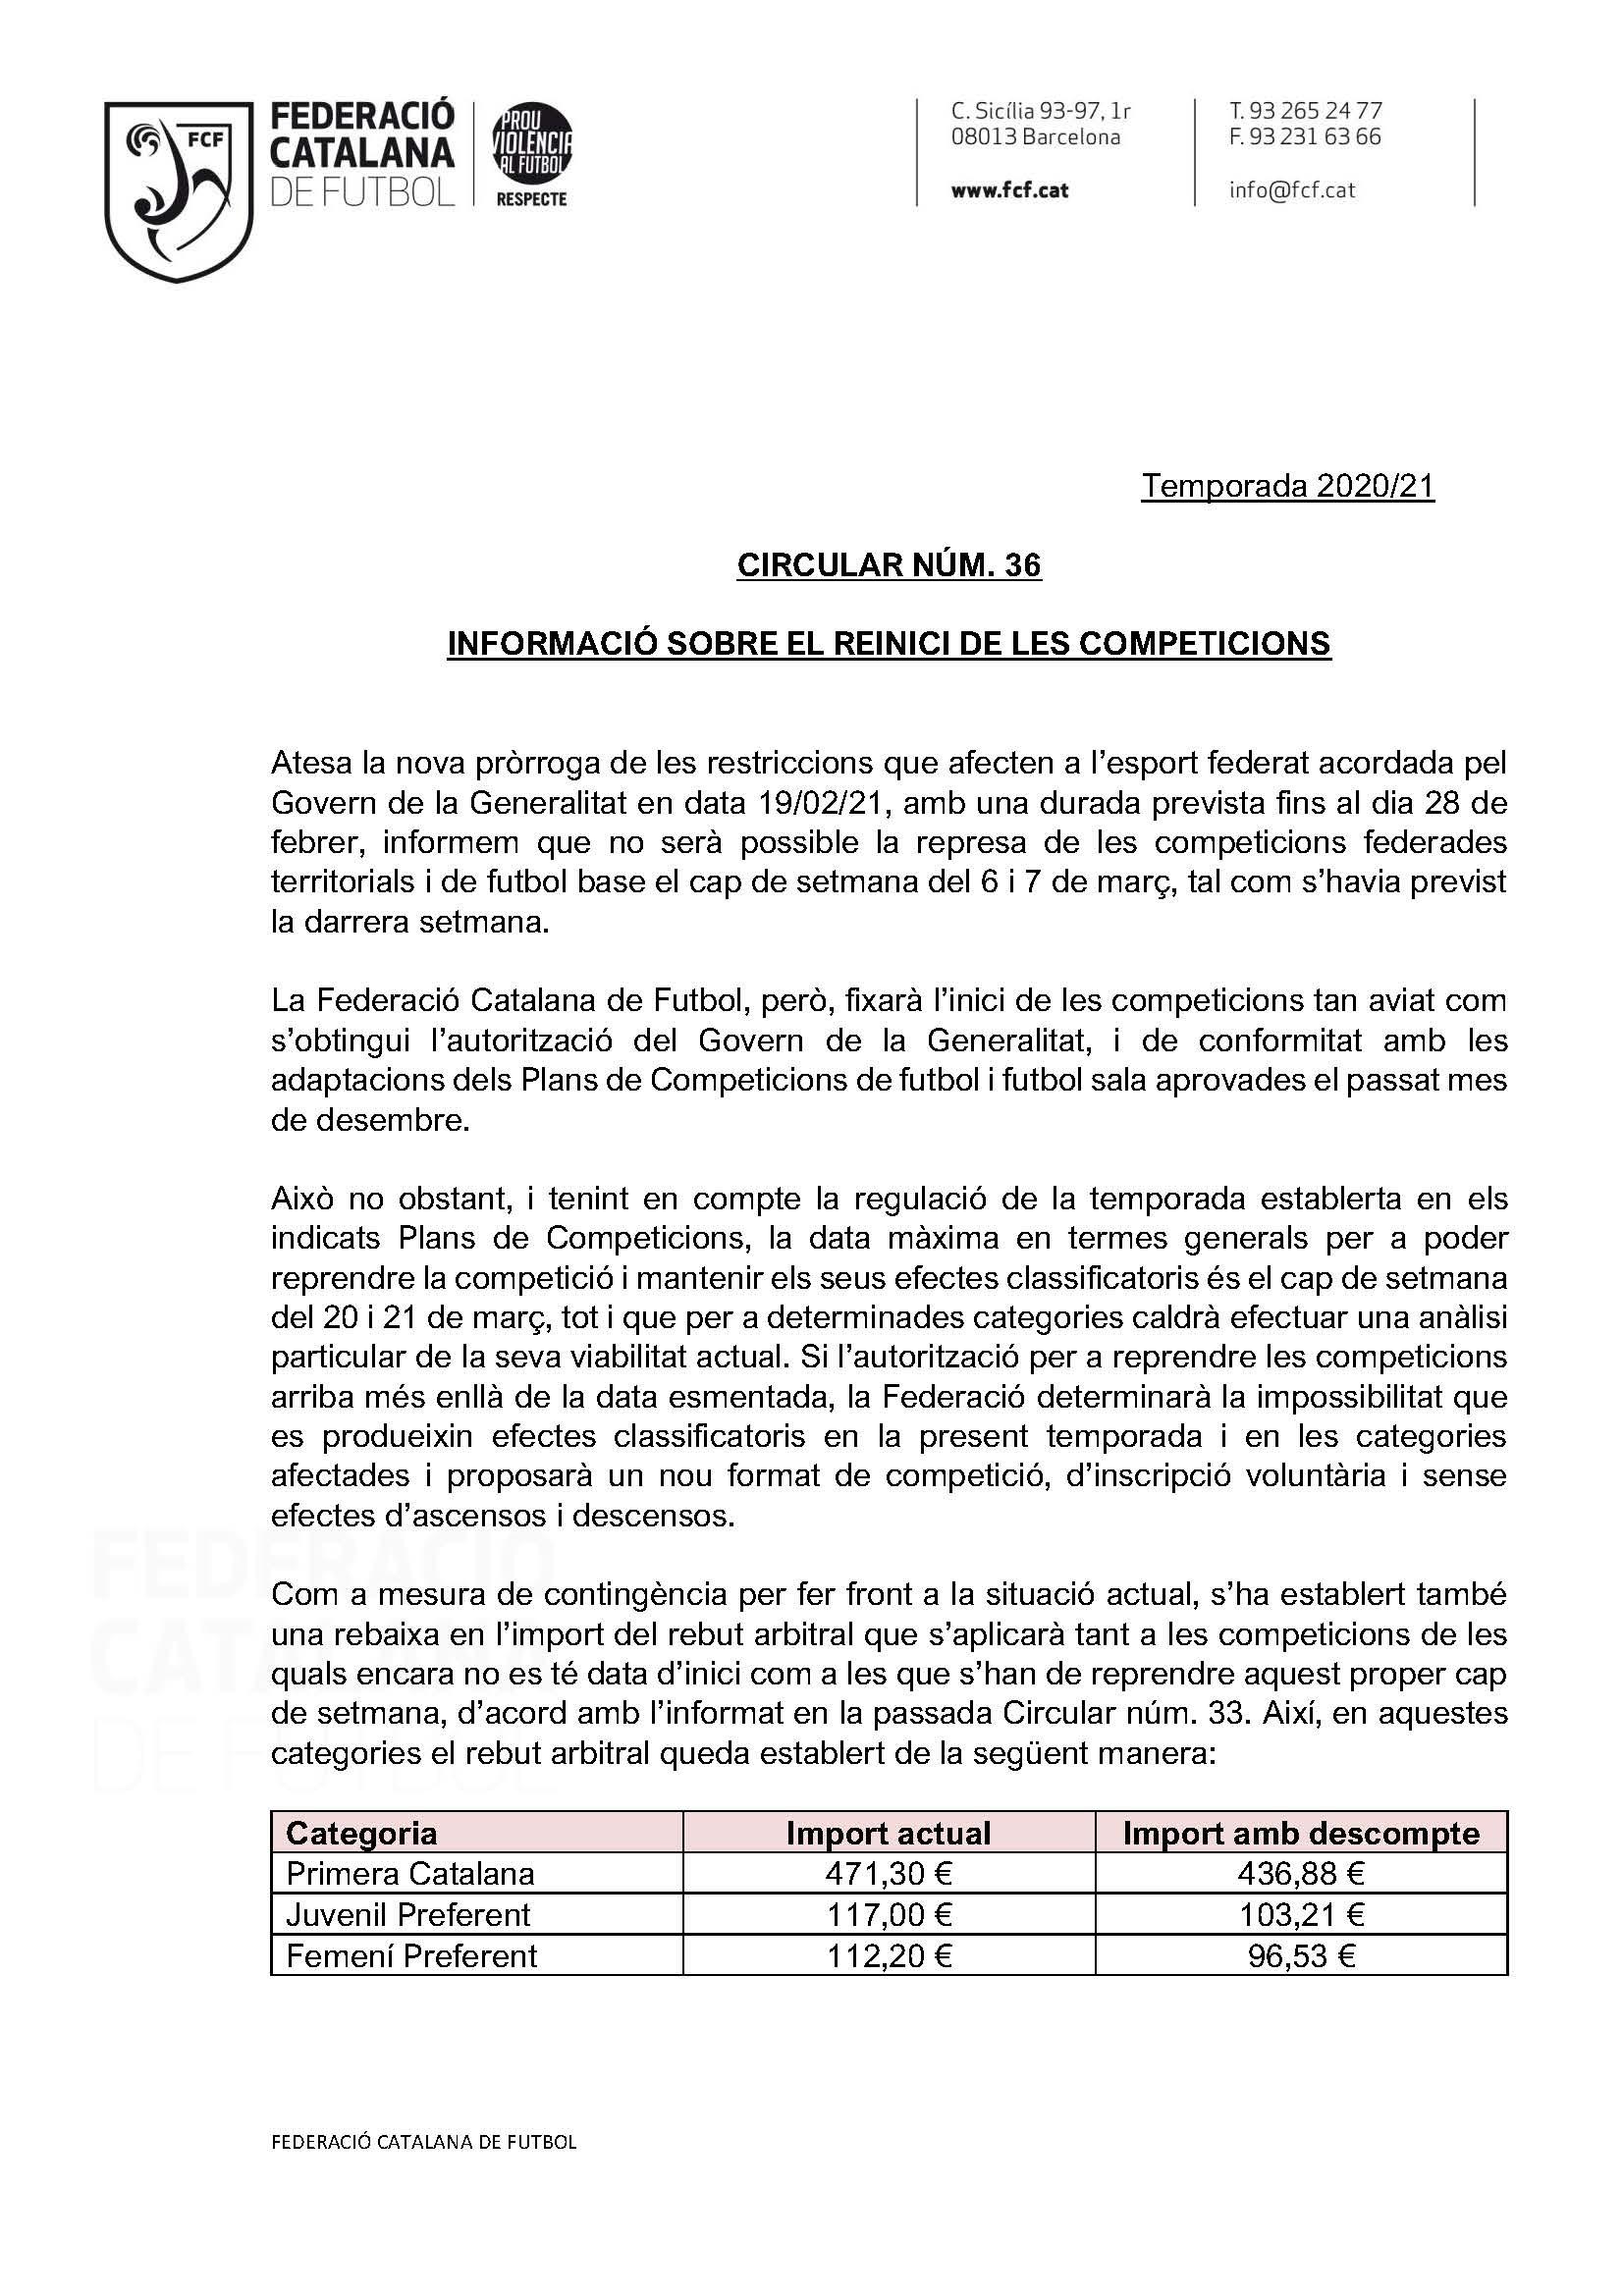 IMPÒSIBILIDAD 6 Y 7 DE MARZO CIRCULAR 36